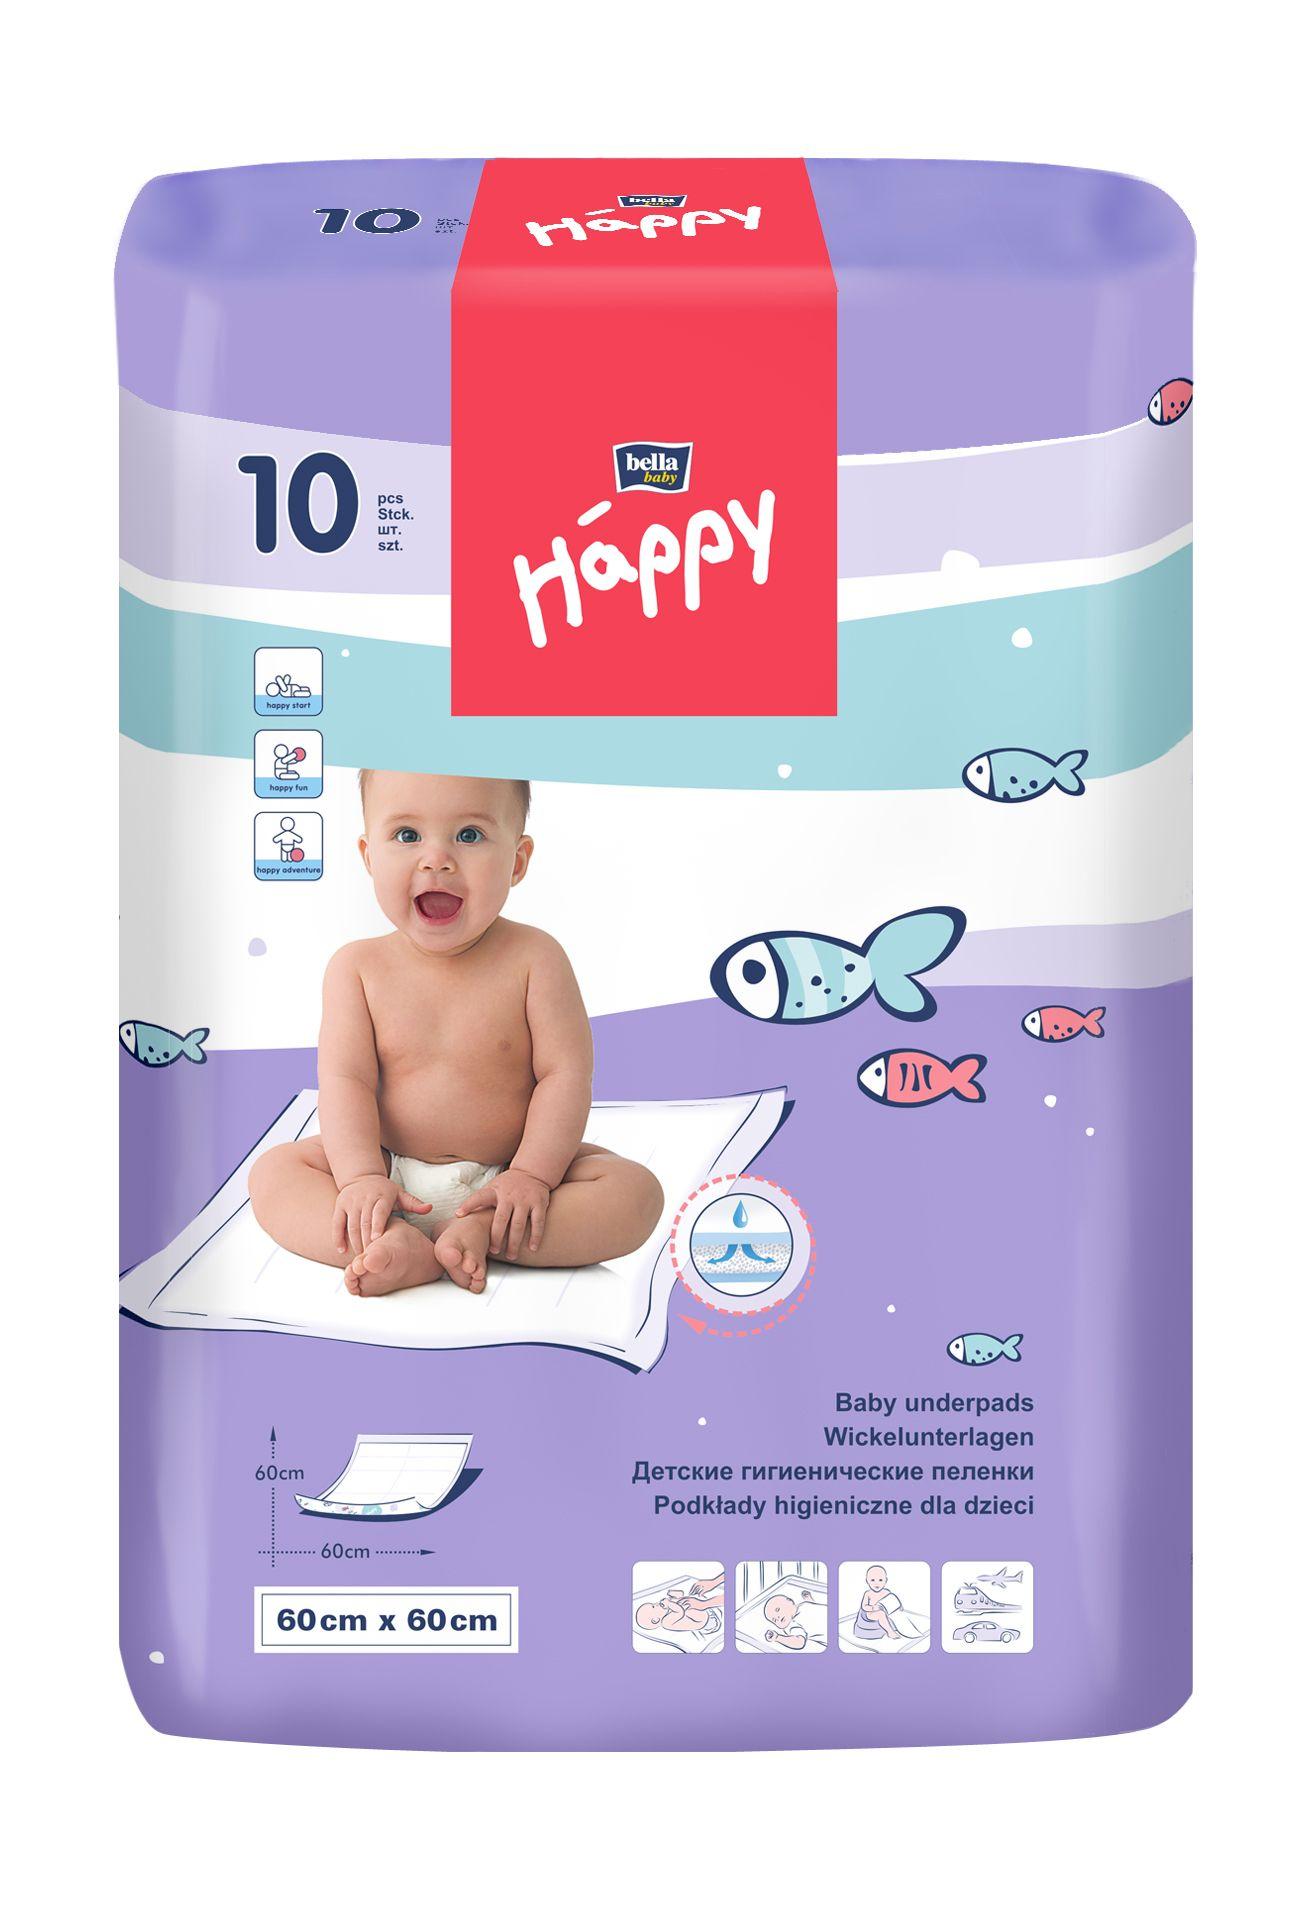 Bella Baby Happy Přebalovací podložky 60x60 cm 10 ks